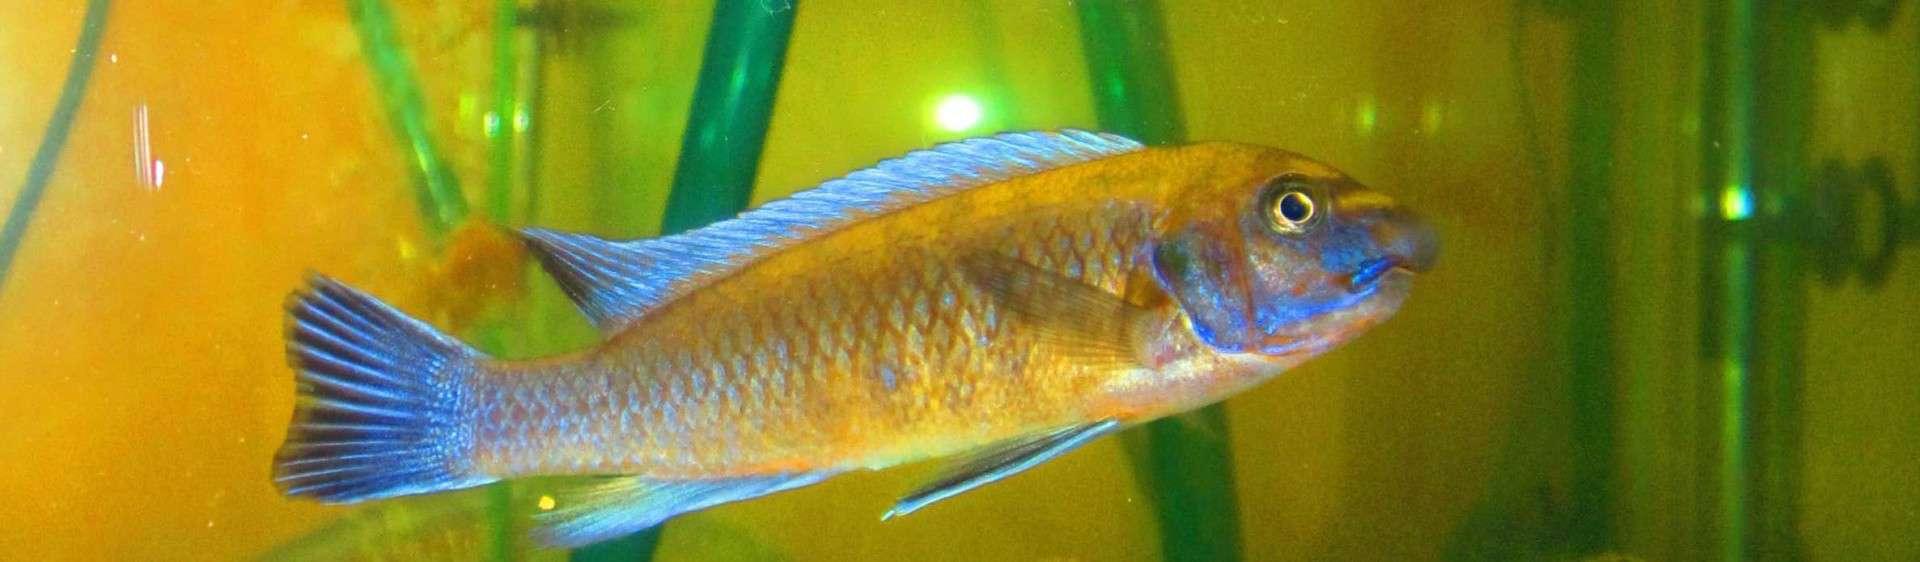 Labeotropheus trewavasae - Schabenmundmaulbrüter 2